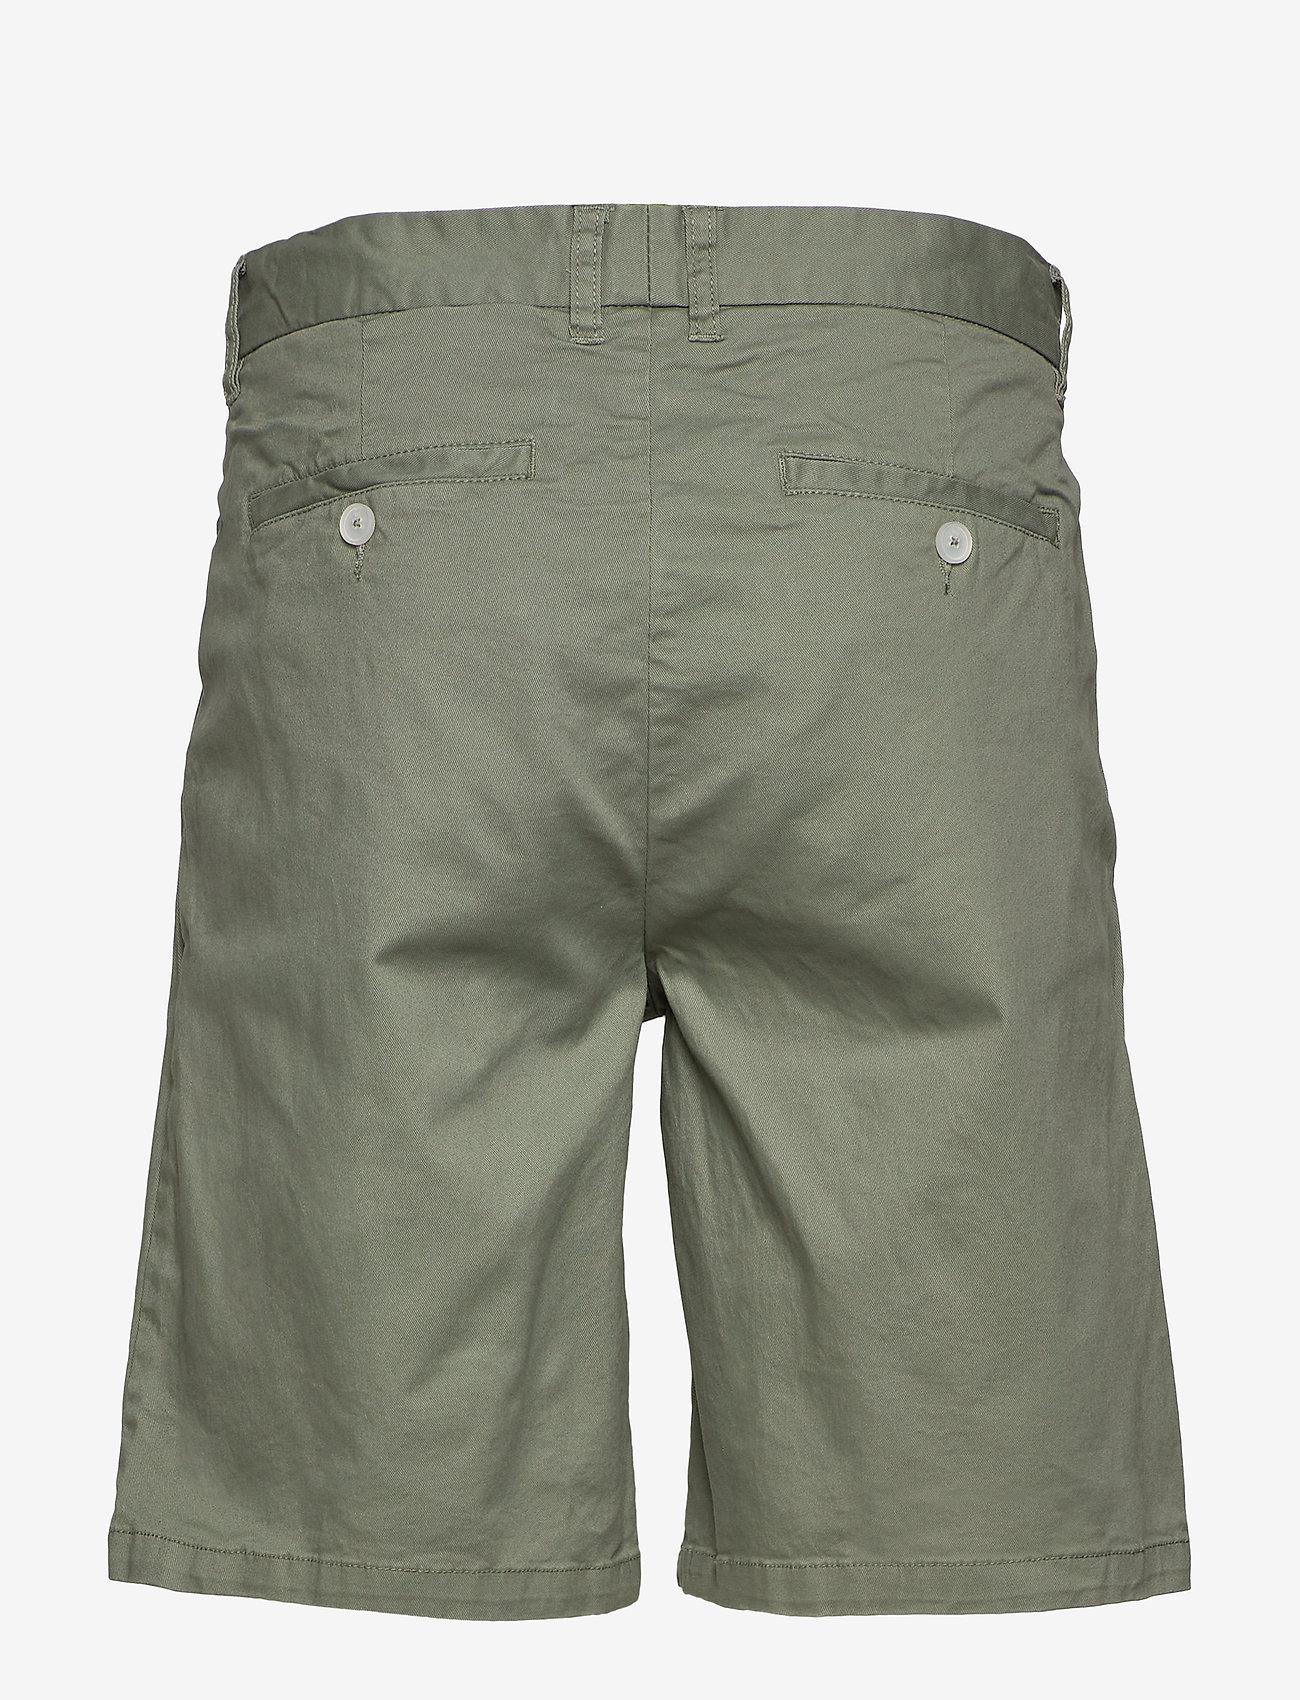 Minimum oran - Shorts SEA SPRAY - Menn Klær